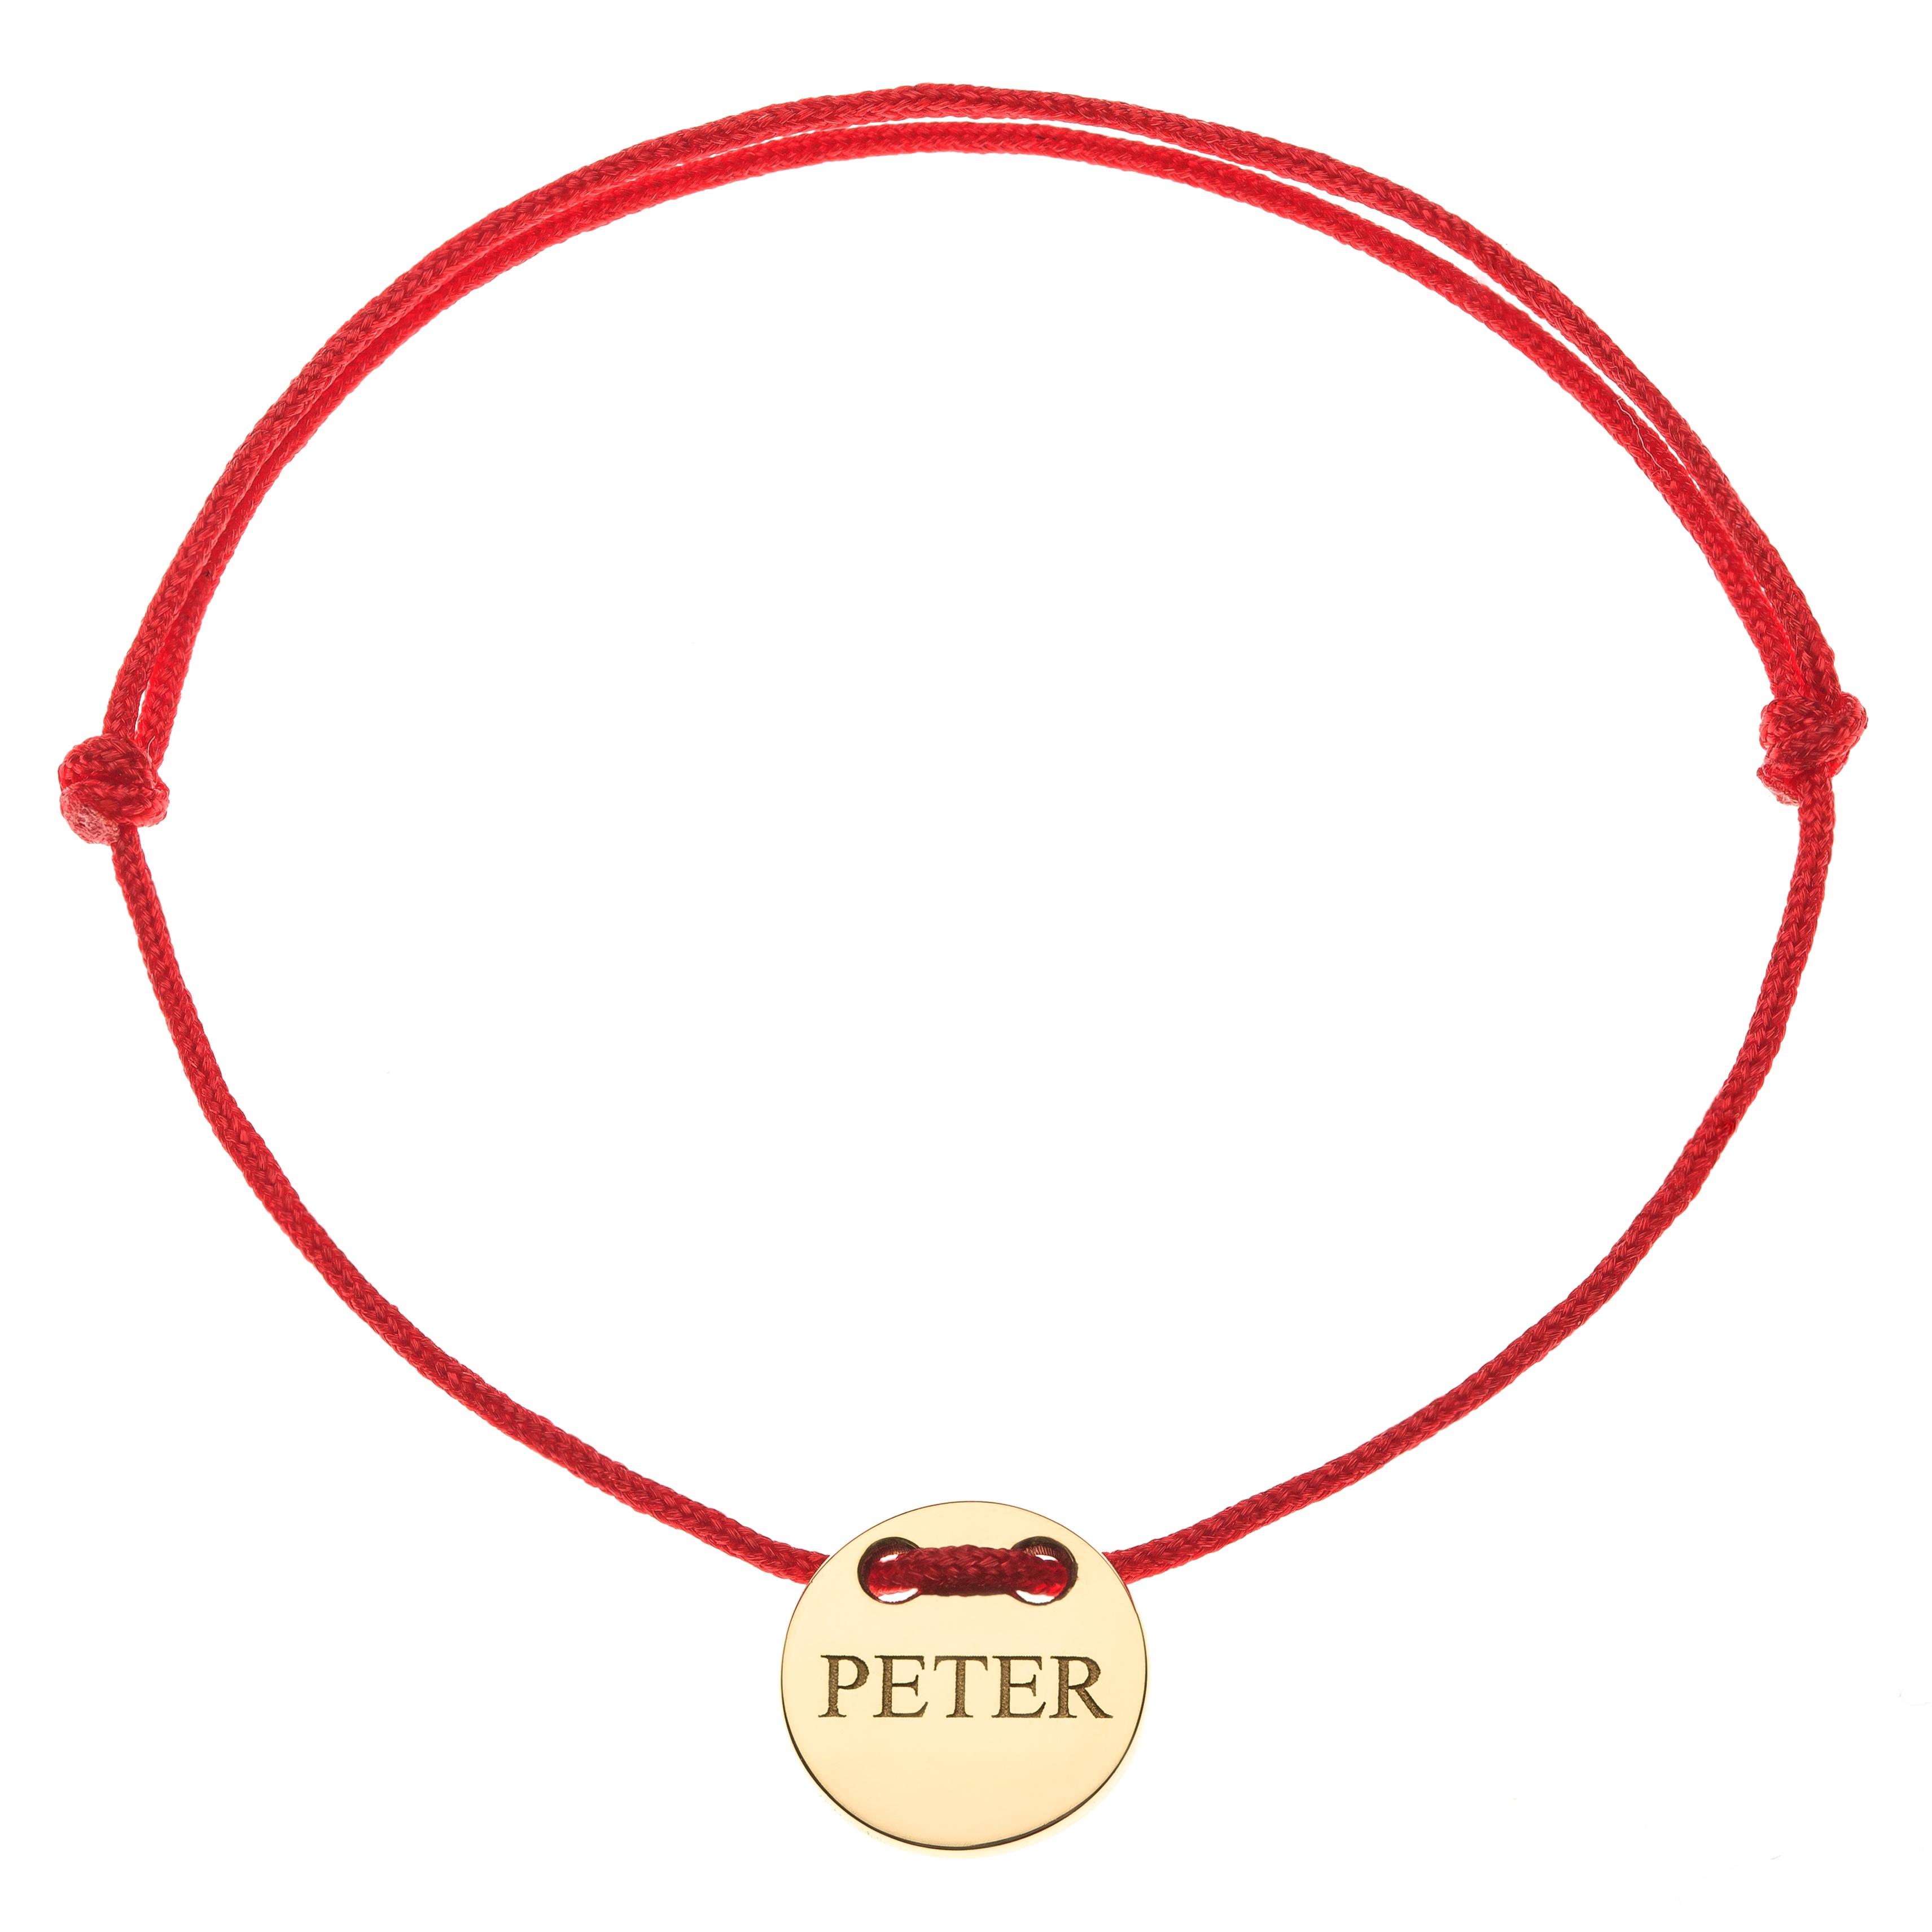 Červená šnúrka, 14kt zlato, Peter - detský, dámsky aj pánsky